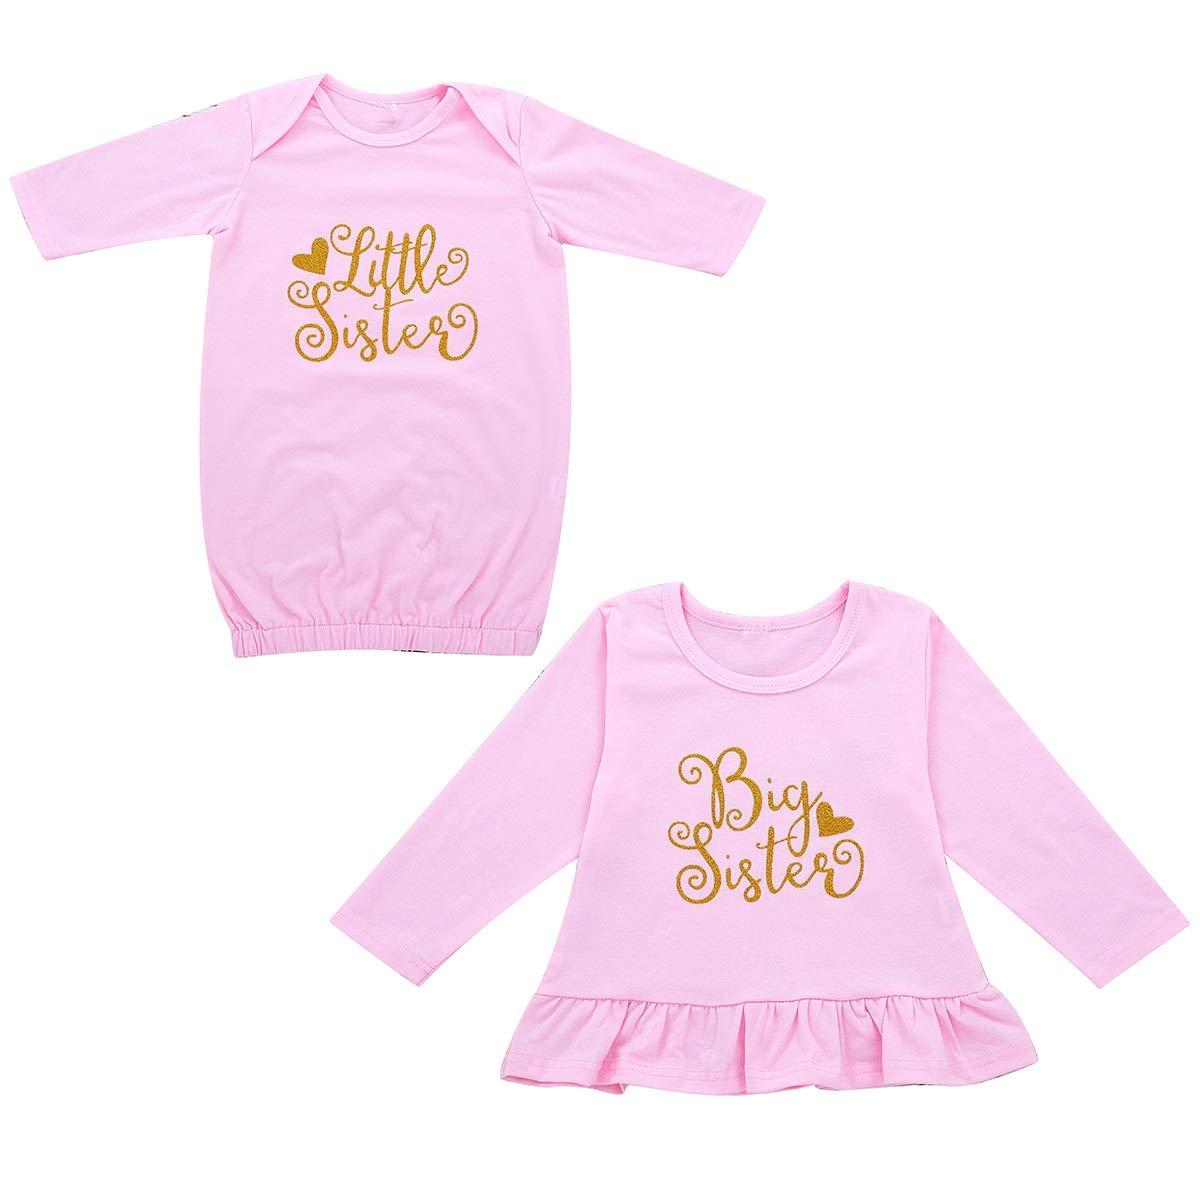 Pantaloni Floreali Set di Accessori per Fascia puseky Pagliaccetto Coordinato Manica Corta da Bambina Big Sister